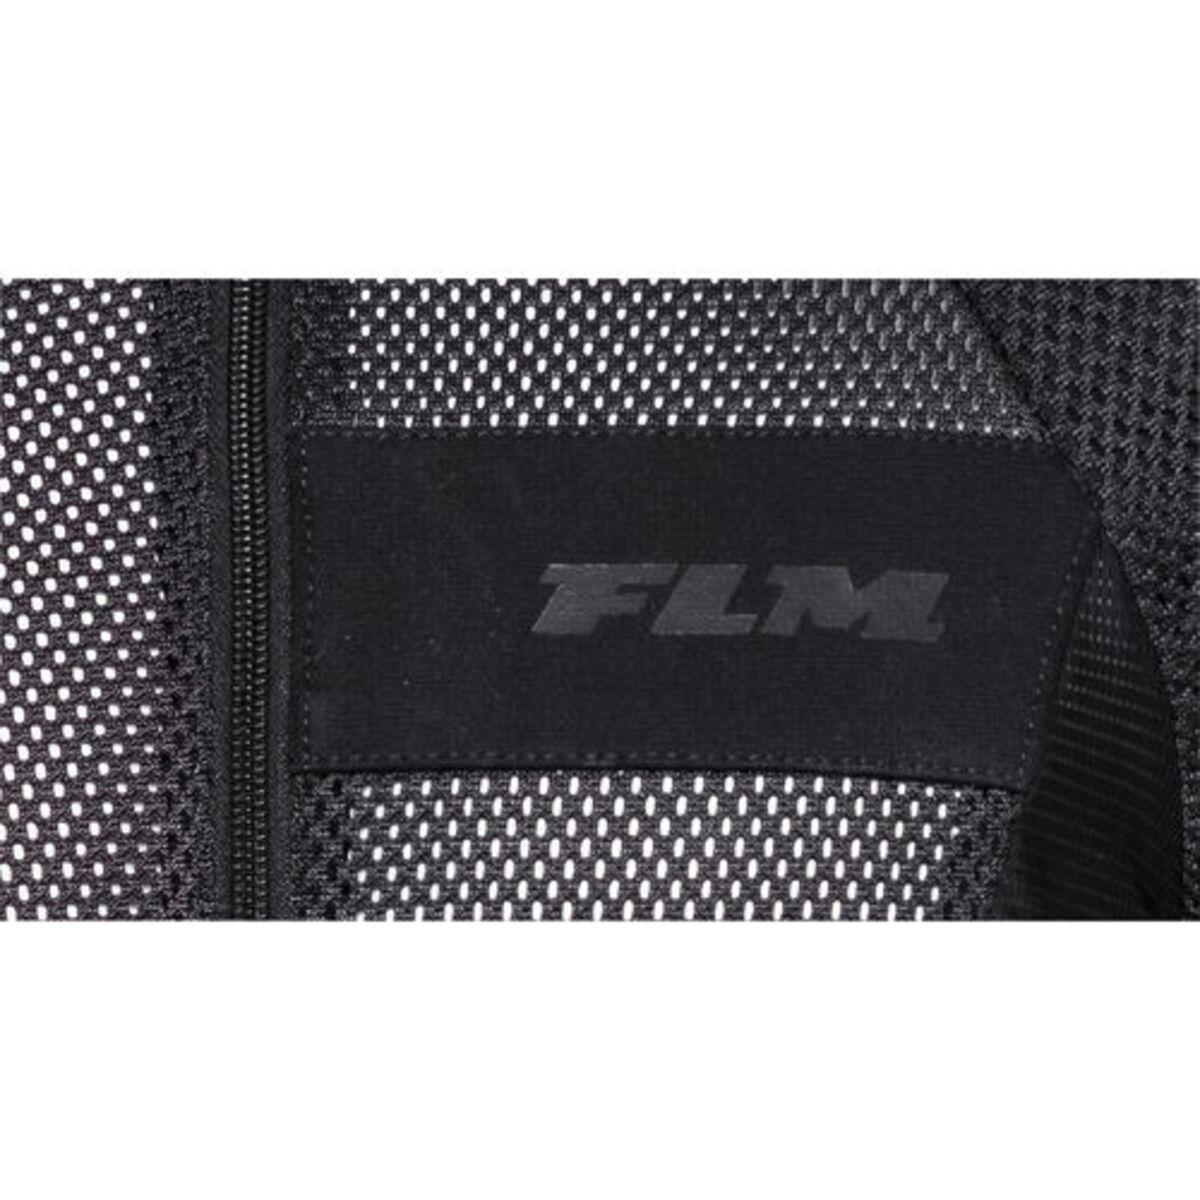 Bild 4 von FLM            Sommer Textiljacke 3.0 schwarz